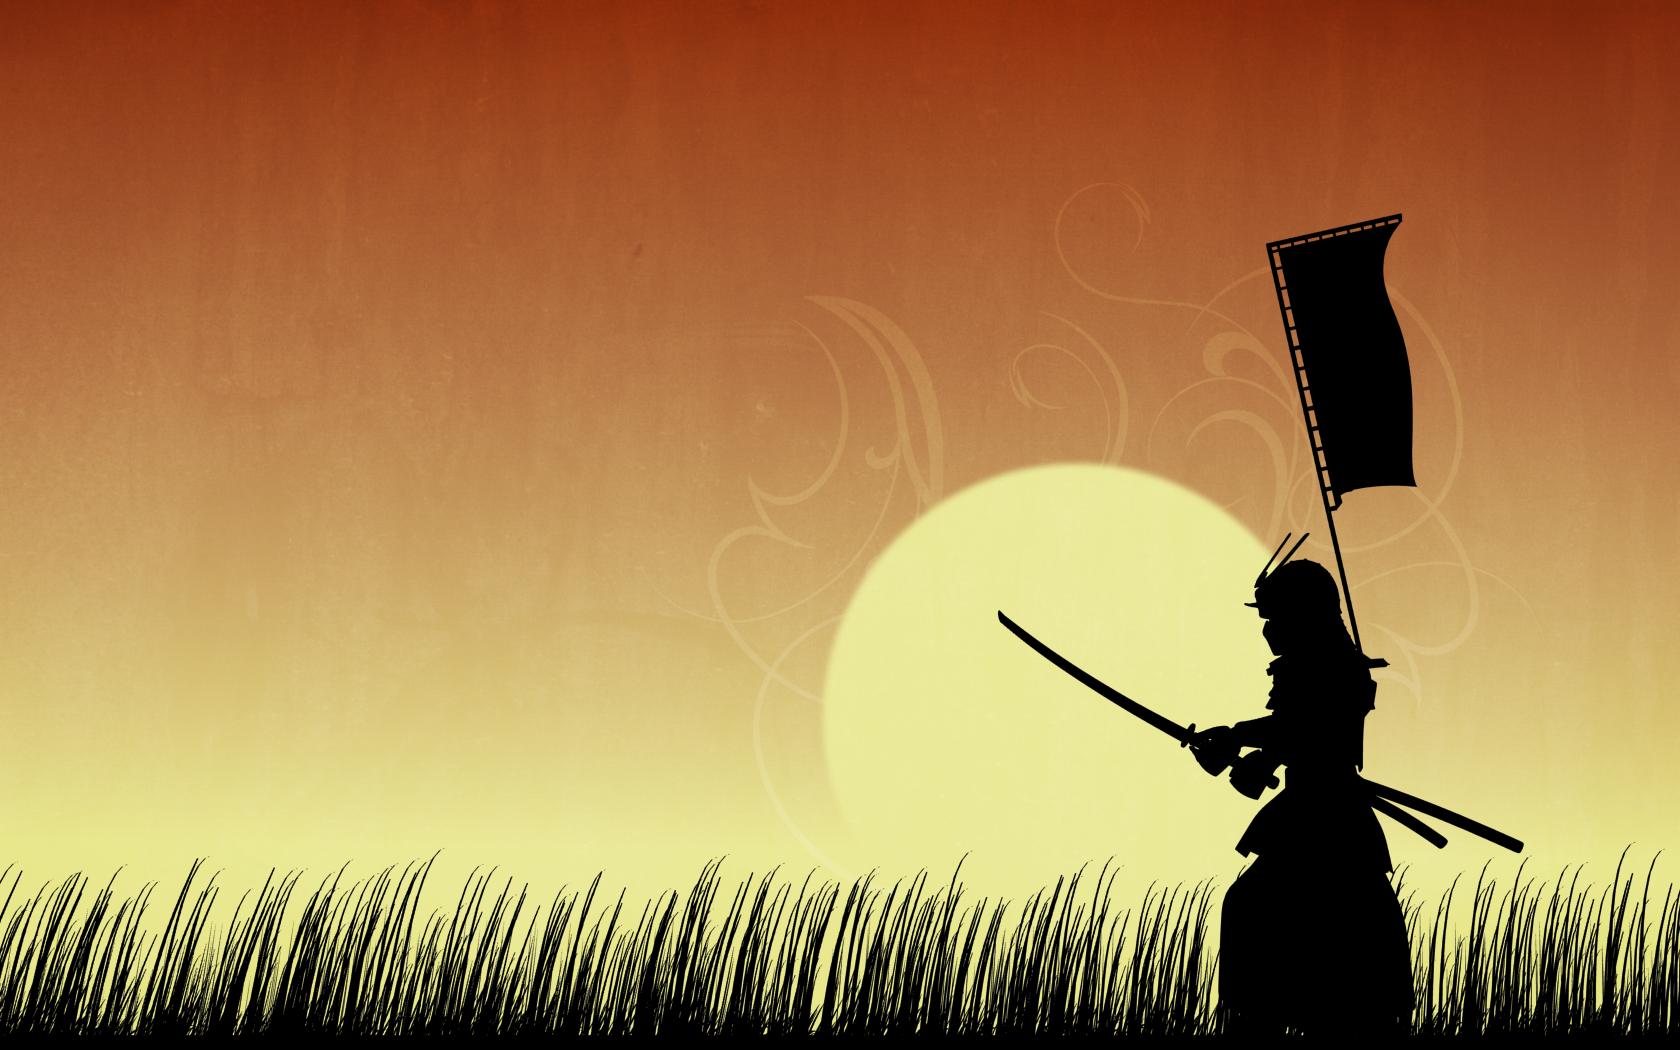 Samurai Wallpaper - Wa...